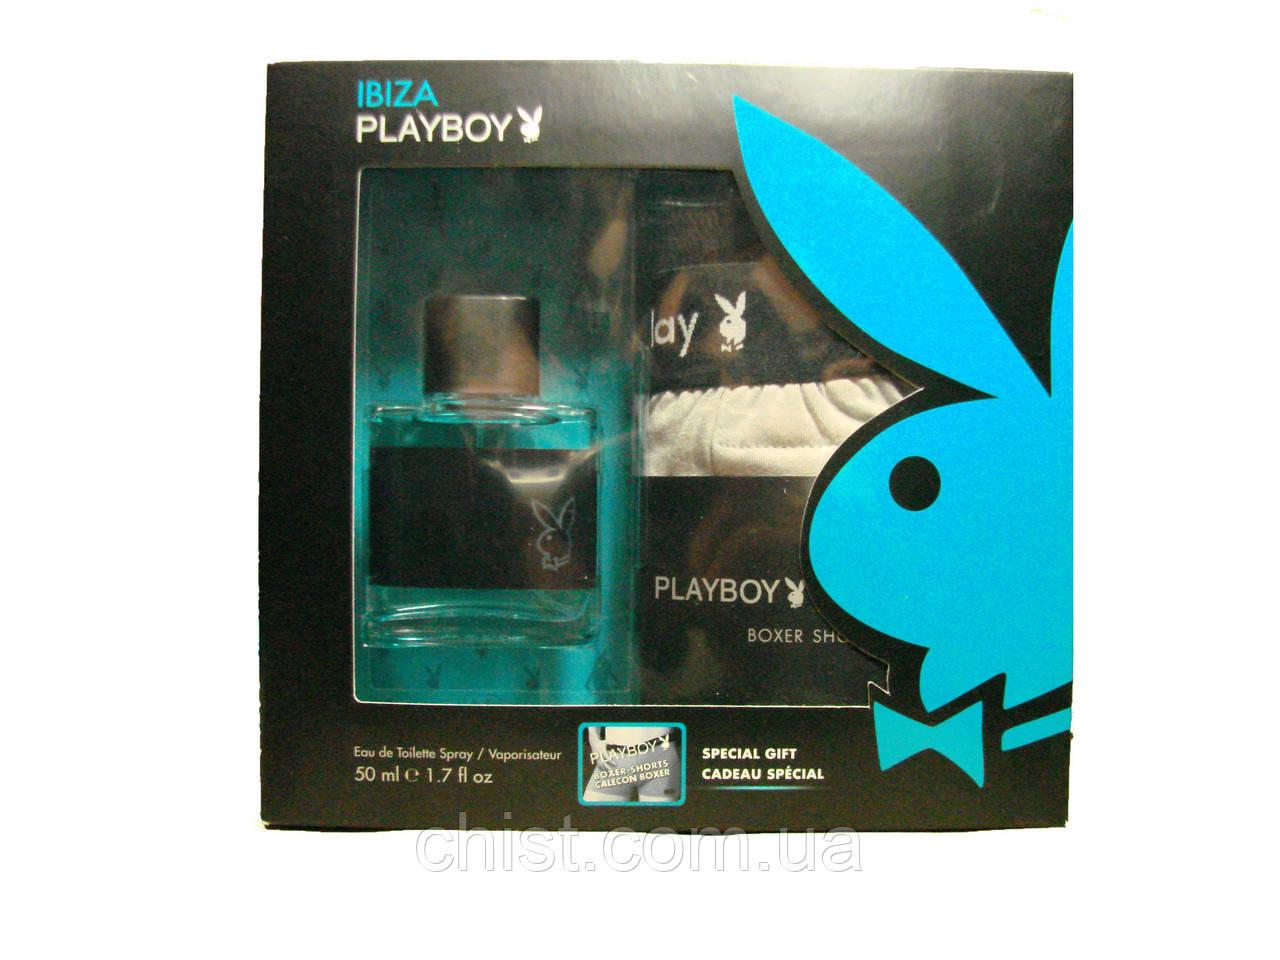 Playboy набор мужской Туалетная вода 50 мл Ibiza и трусы-боксерки!